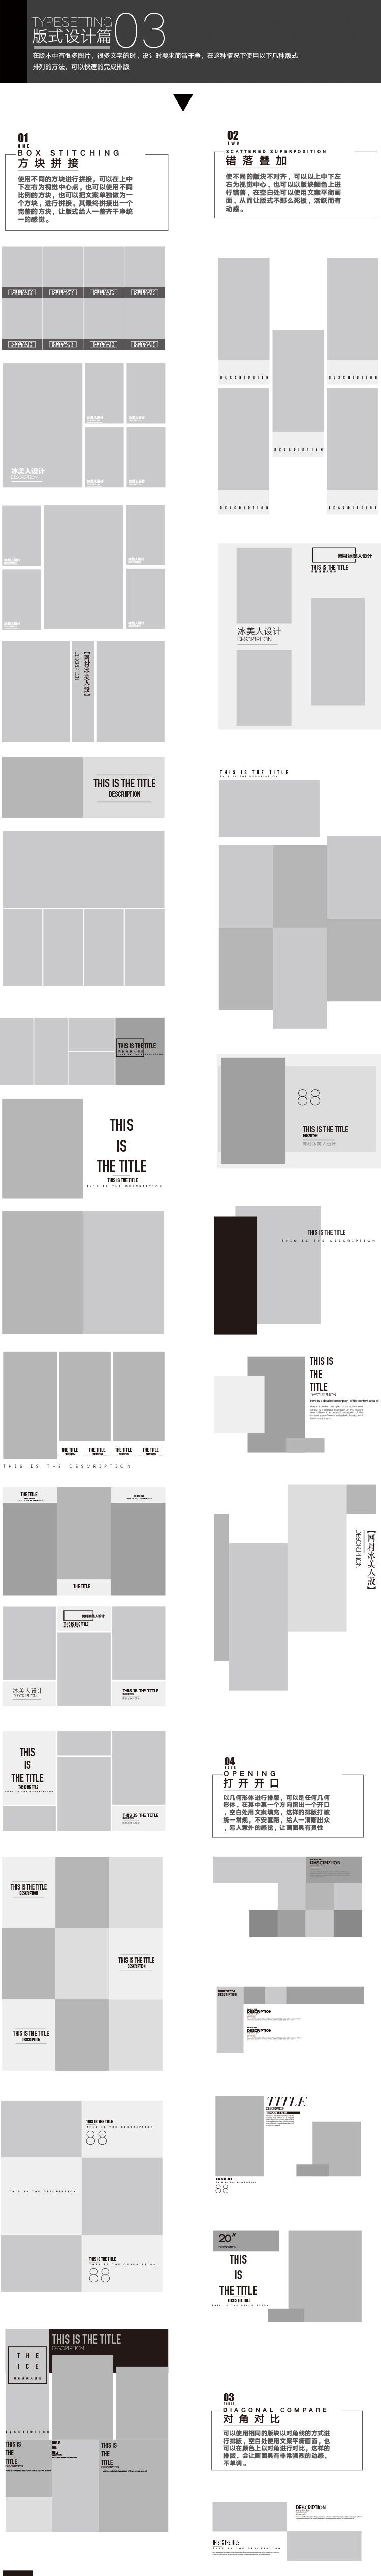 查看《大气 高逼格设计技法》原图,原图尺寸:750x5077